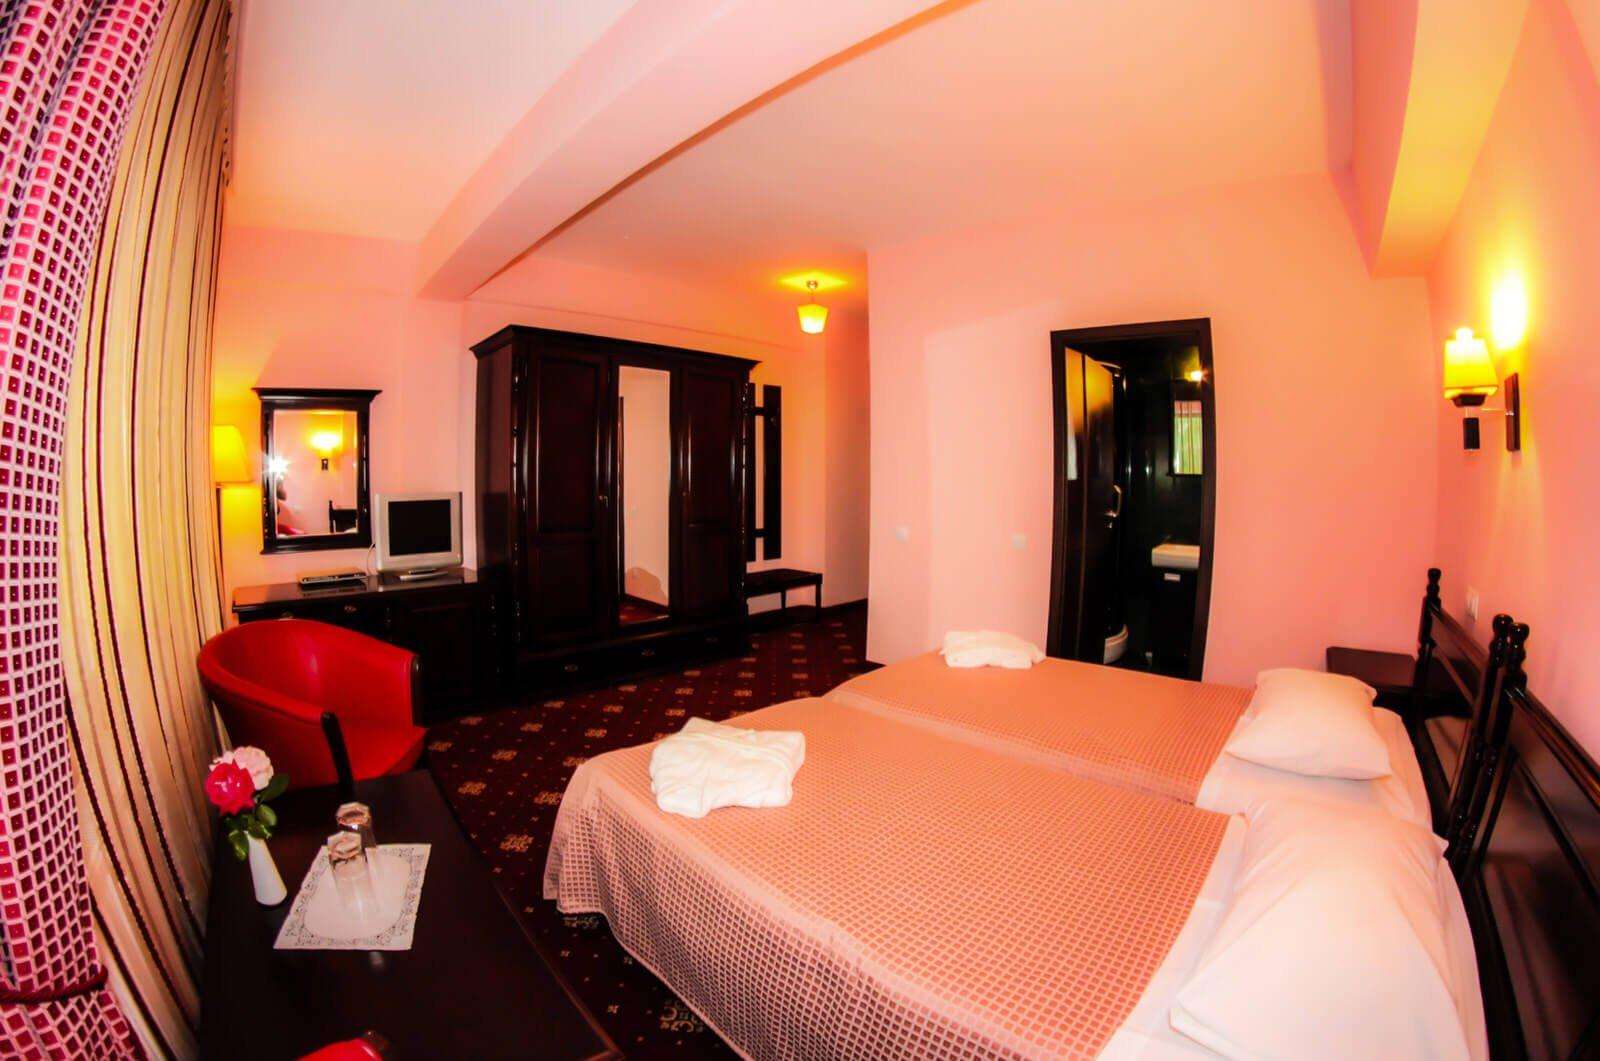 Cameraa dubla hotel Brasov